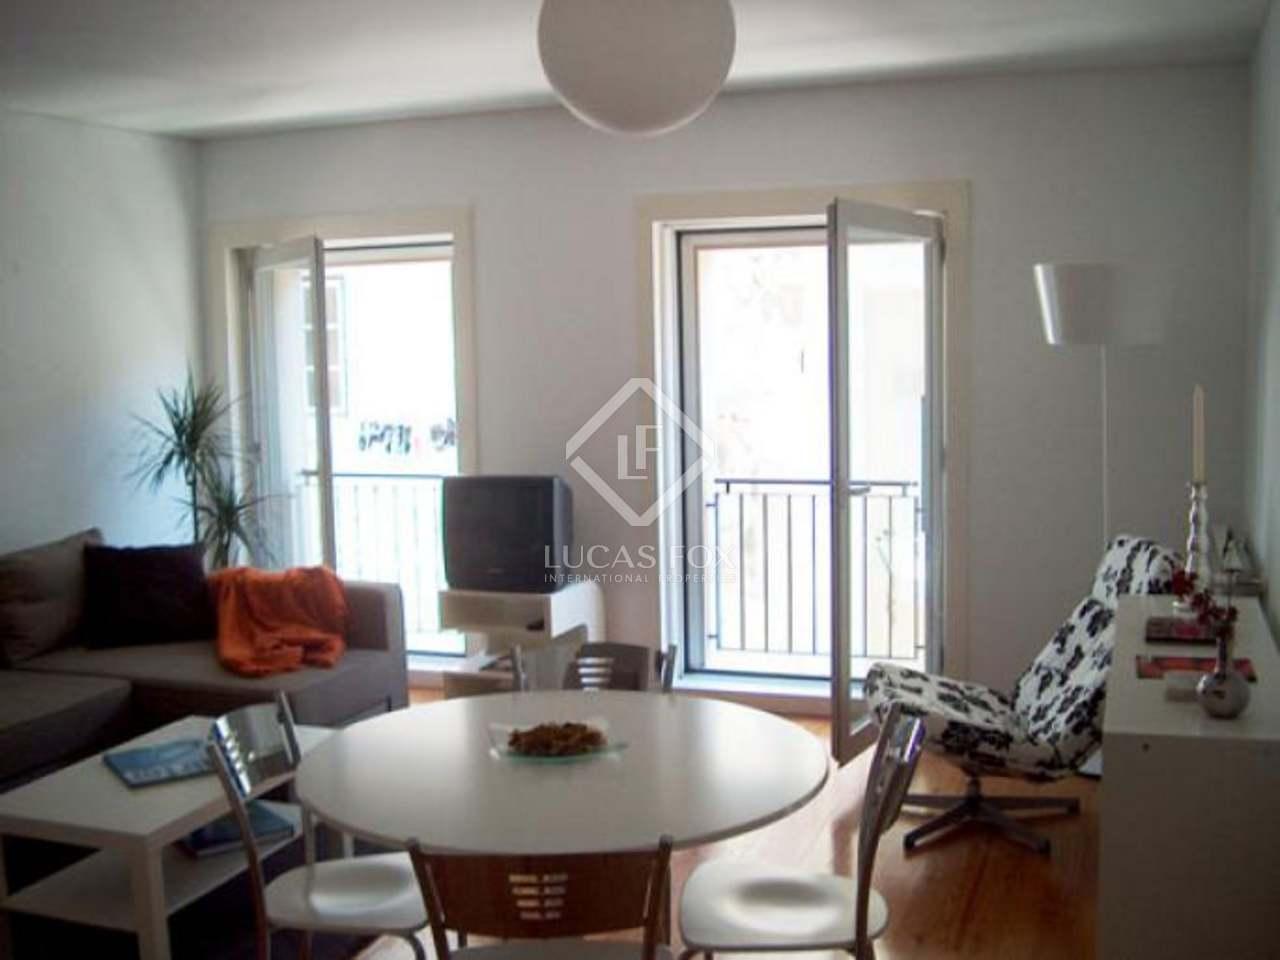 70m wohnung zum verkauf in lissabon stadt portugal. Black Bedroom Furniture Sets. Home Design Ideas